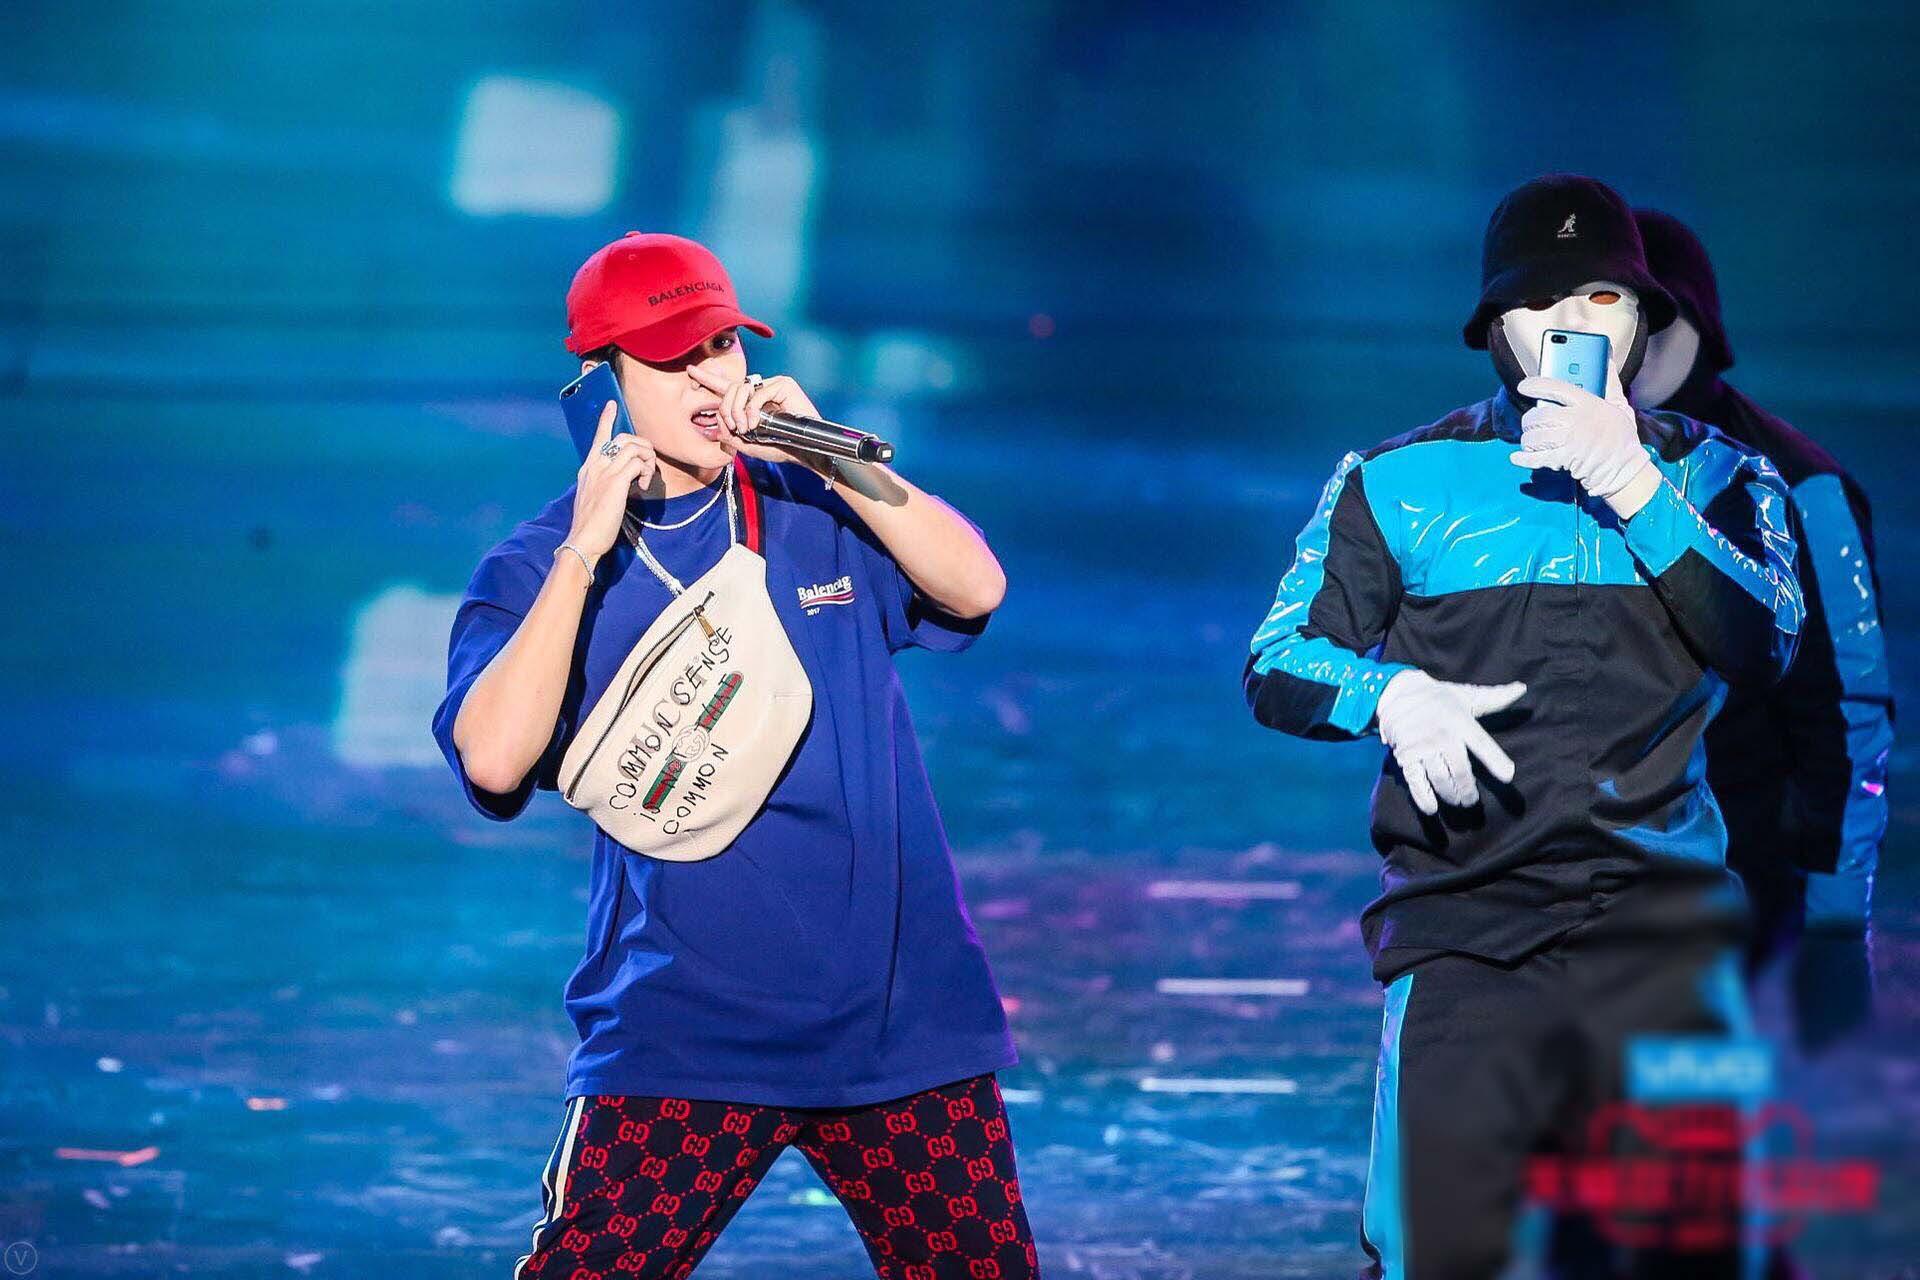 王嘉尔新歌舞台正能量 主持表演两不误 -5c6c3a9b3c7b4a2bb28fbe174473bdbc